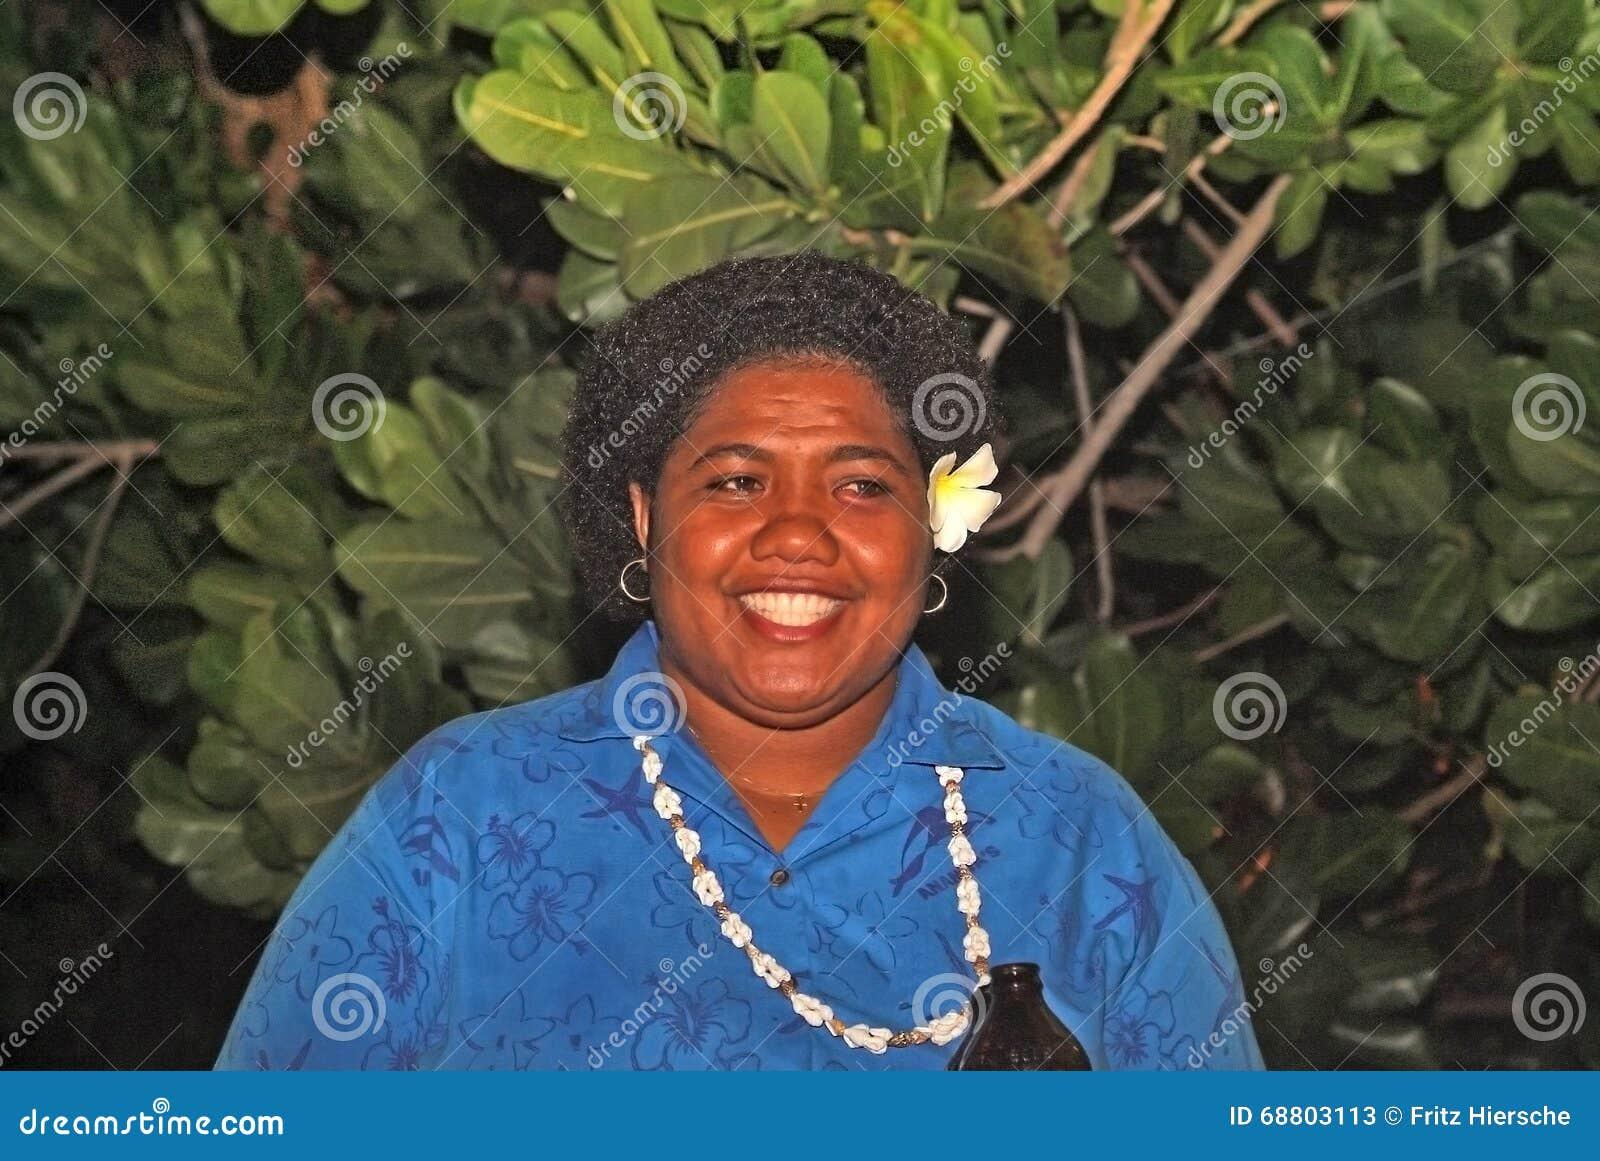 Фиджи, люди